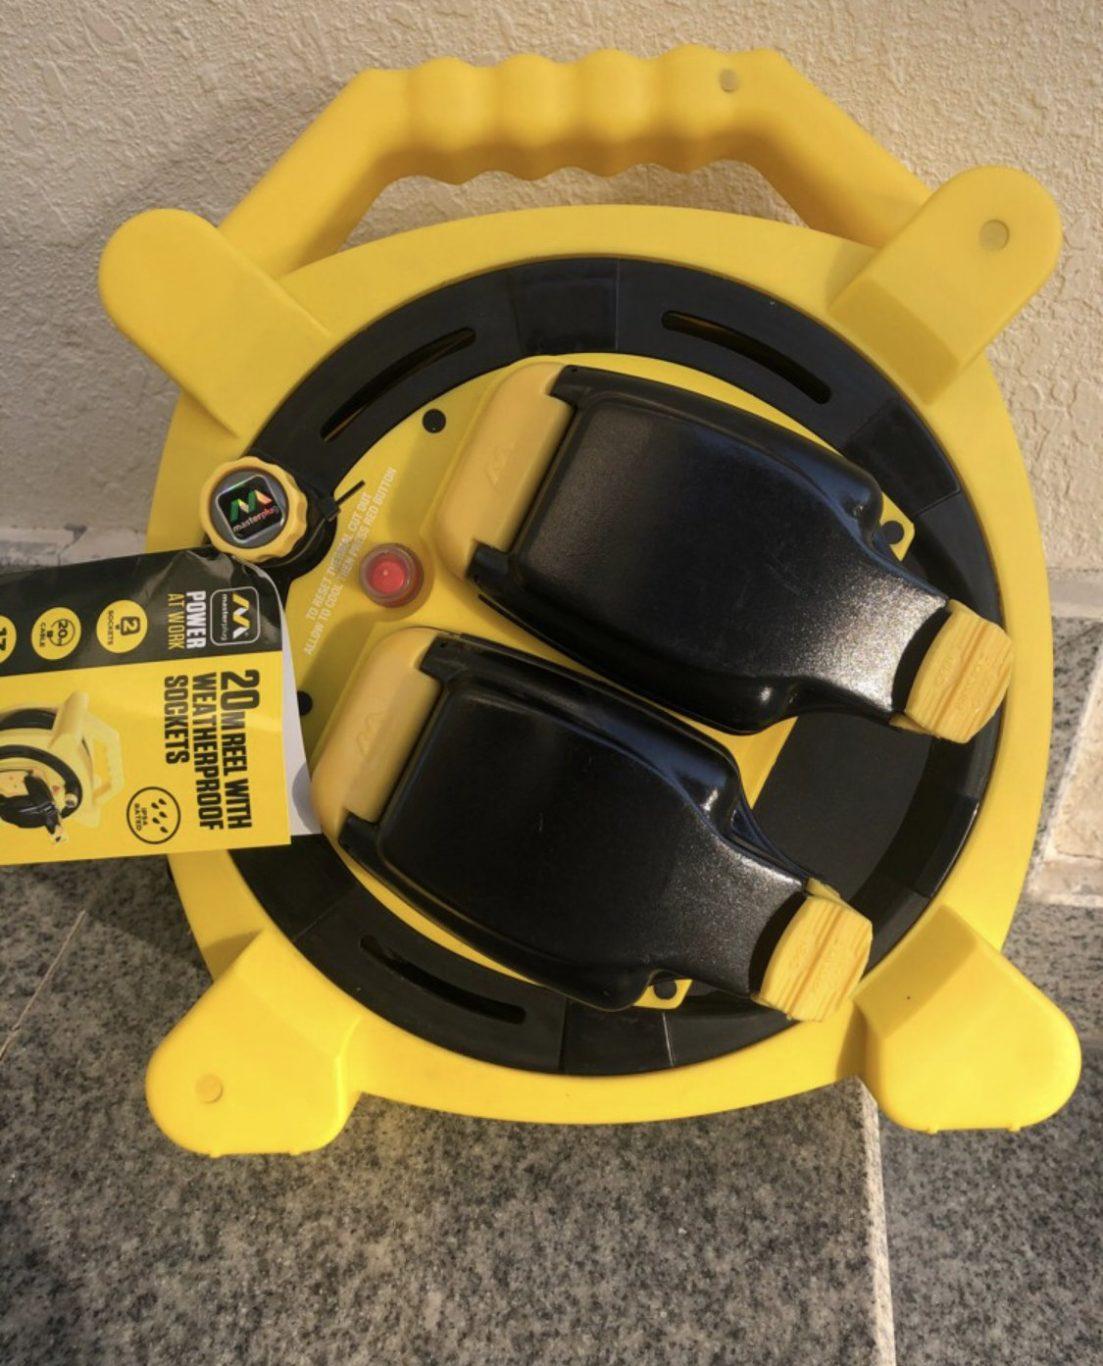 20 meters electric weather proof reel